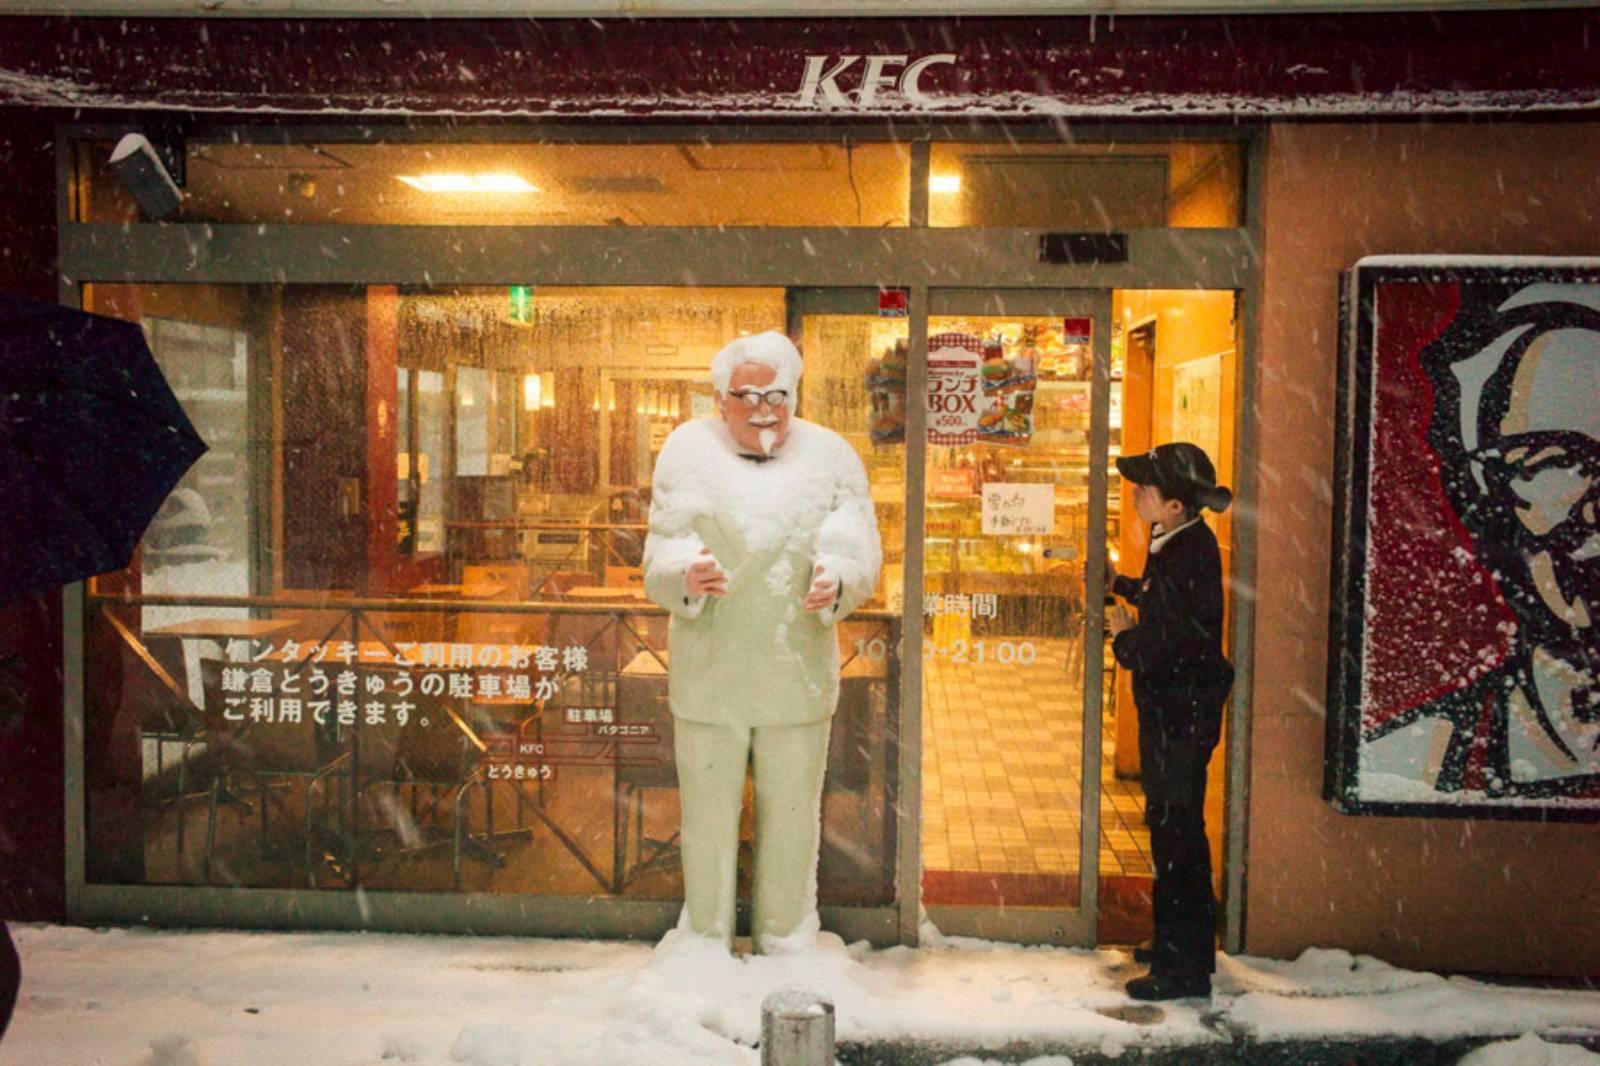 Heavy Snow Day, KFC, Komachi, Kamakura, Feb 2014 ©️ Shin Noguchi